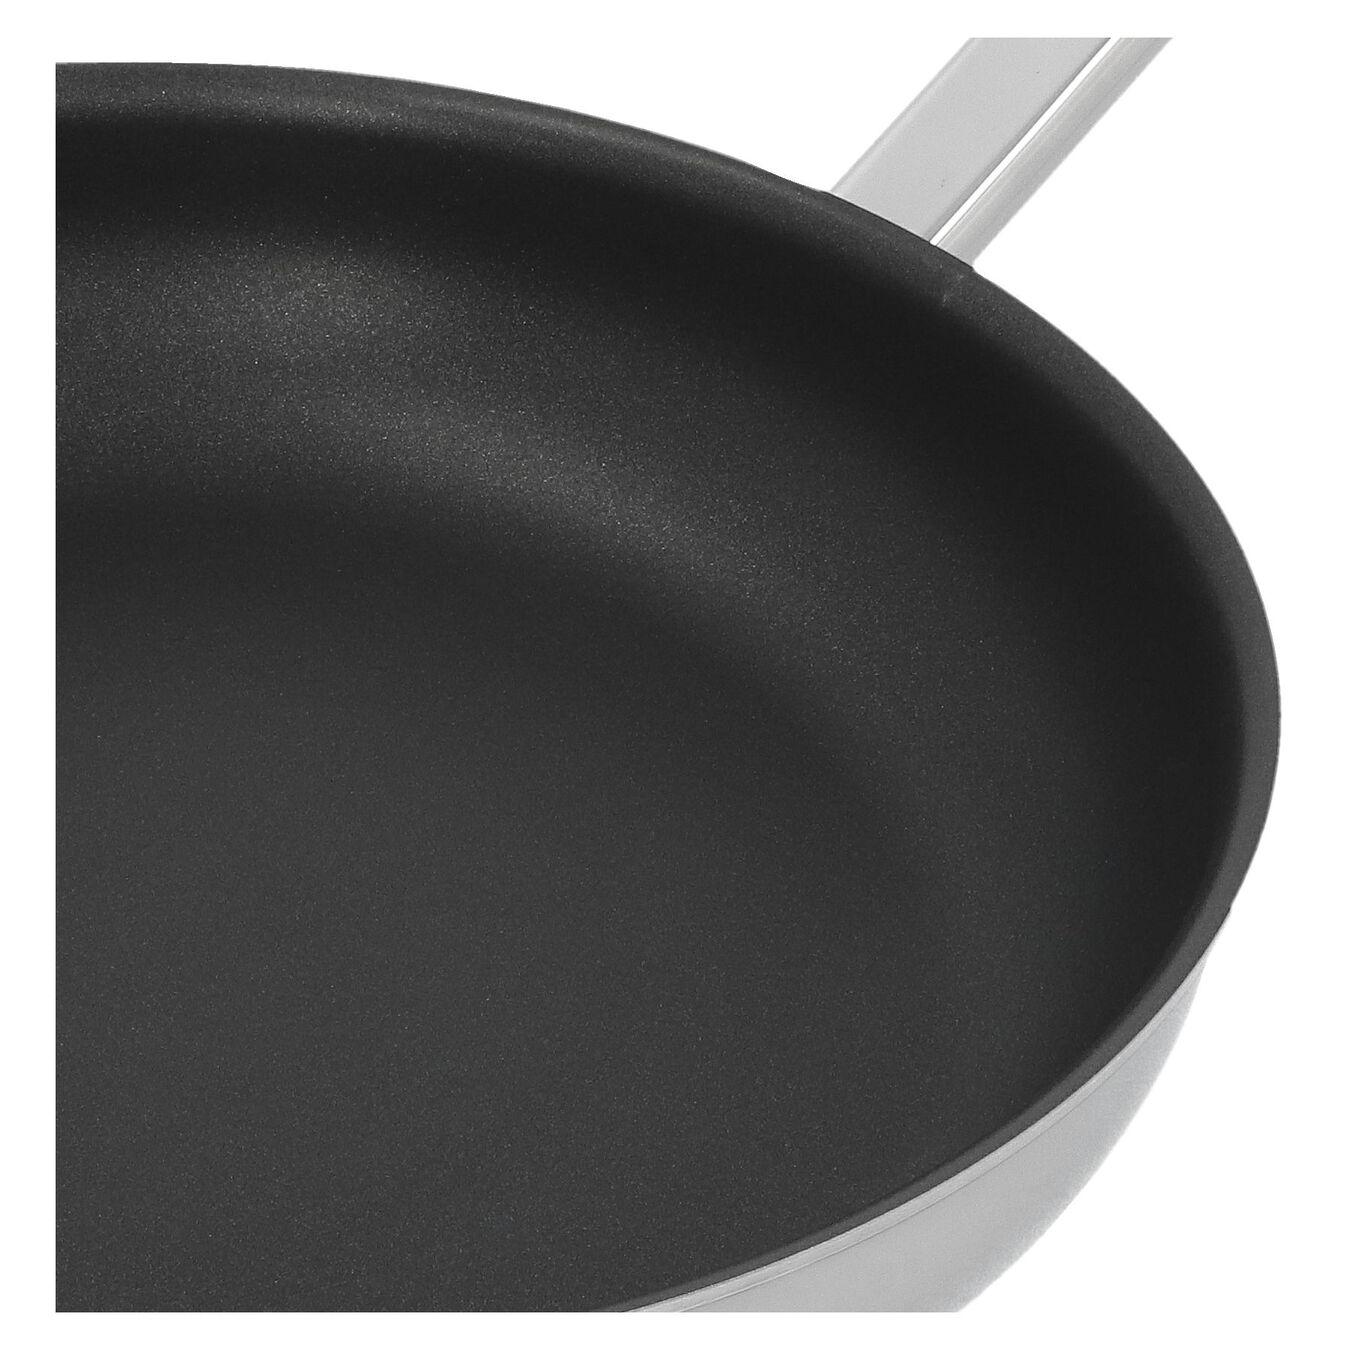 Koekenpan Zilver-zwart 28 cm,,large 4